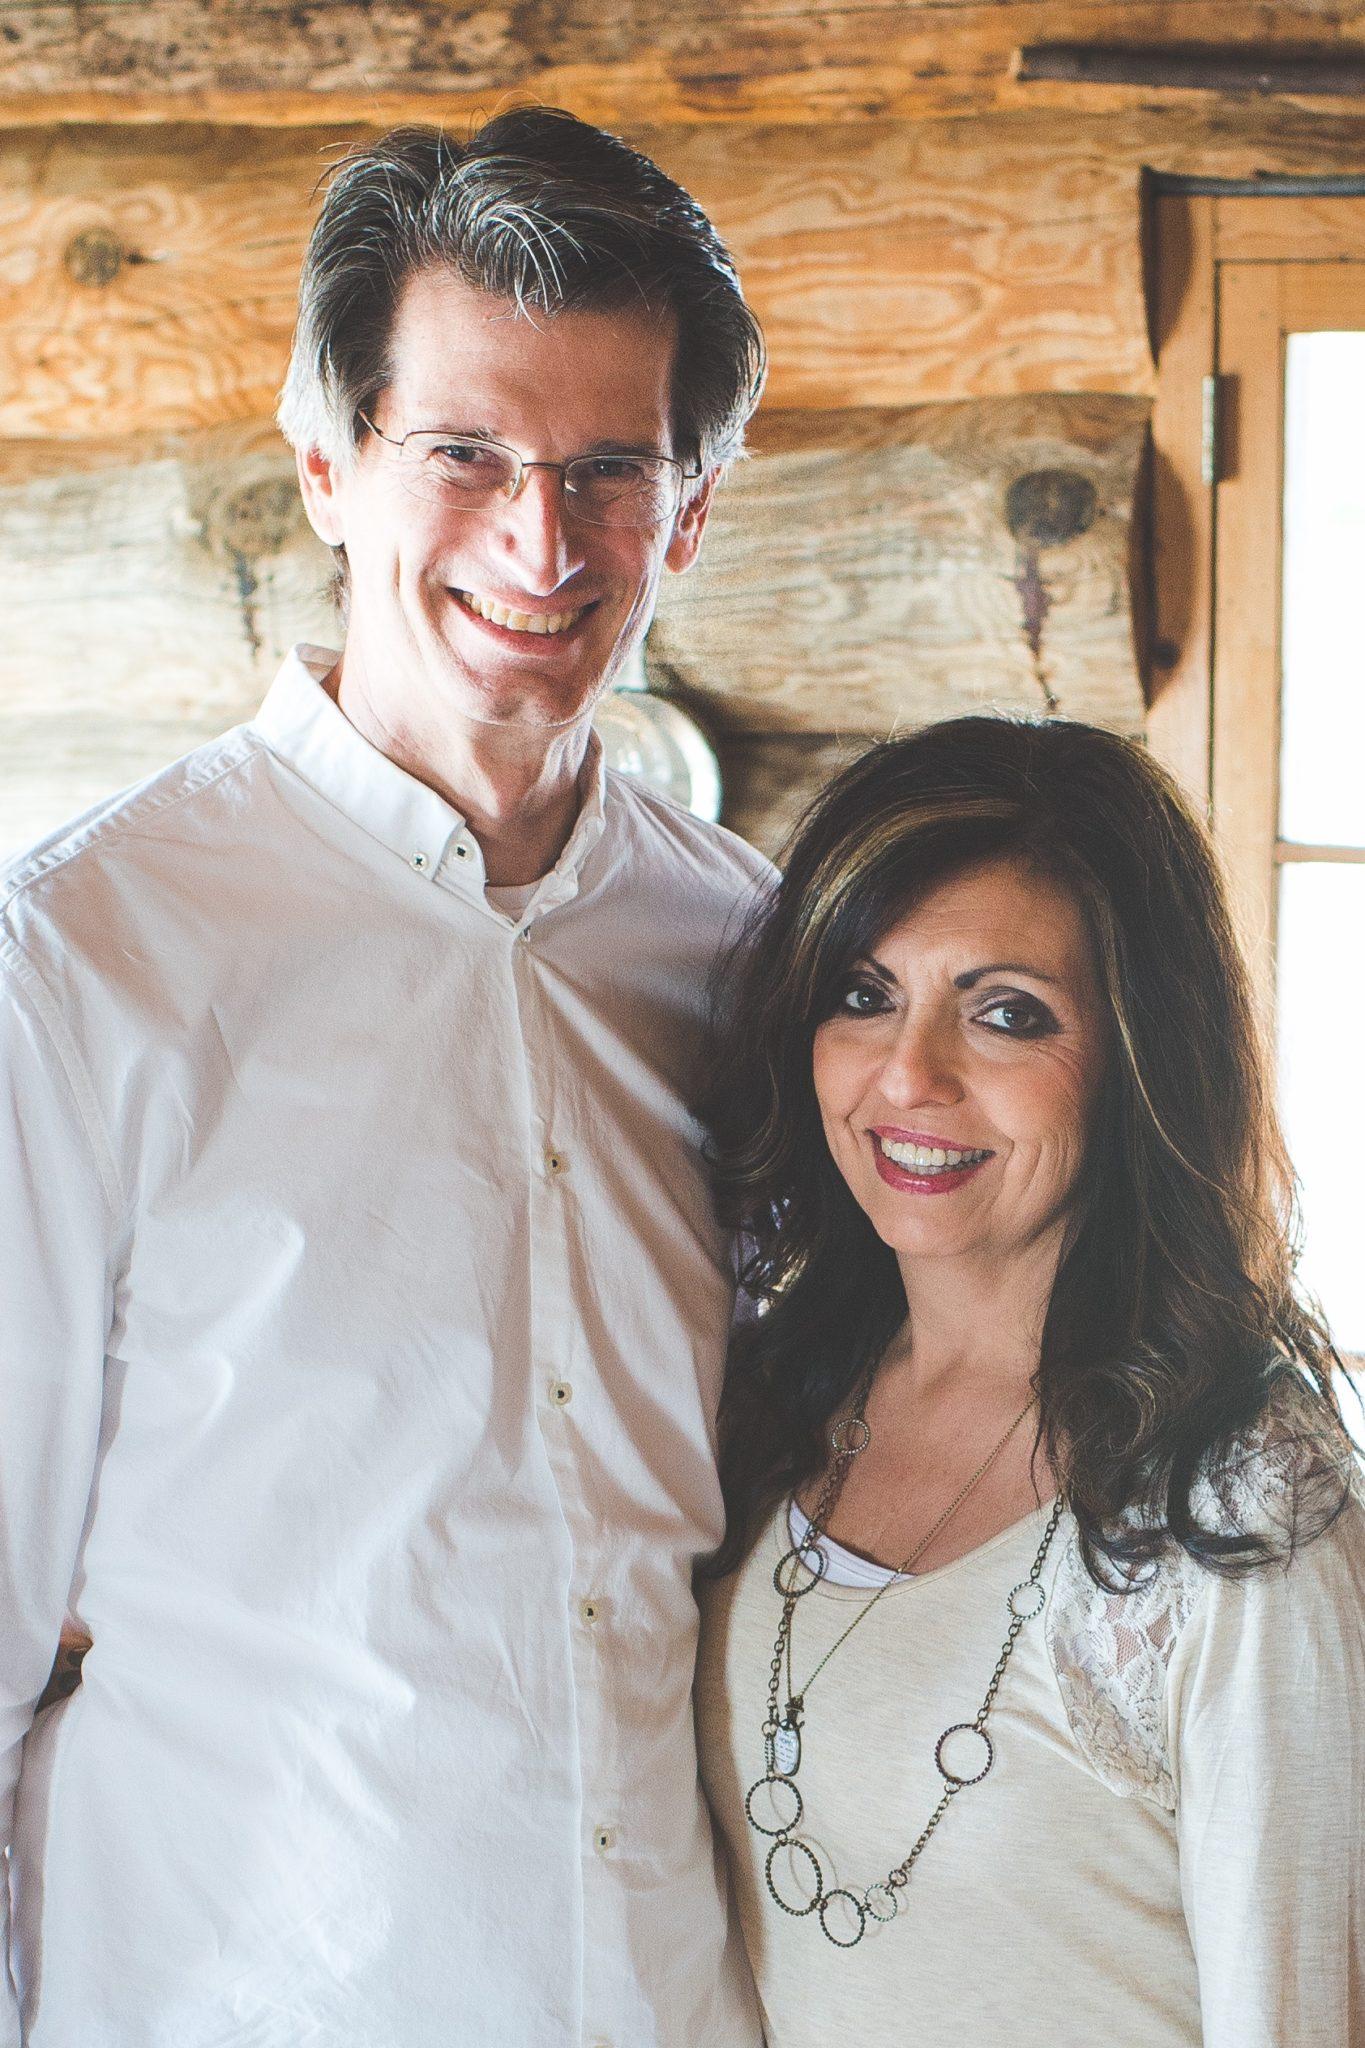 Pastor Kim Buckman and his wife